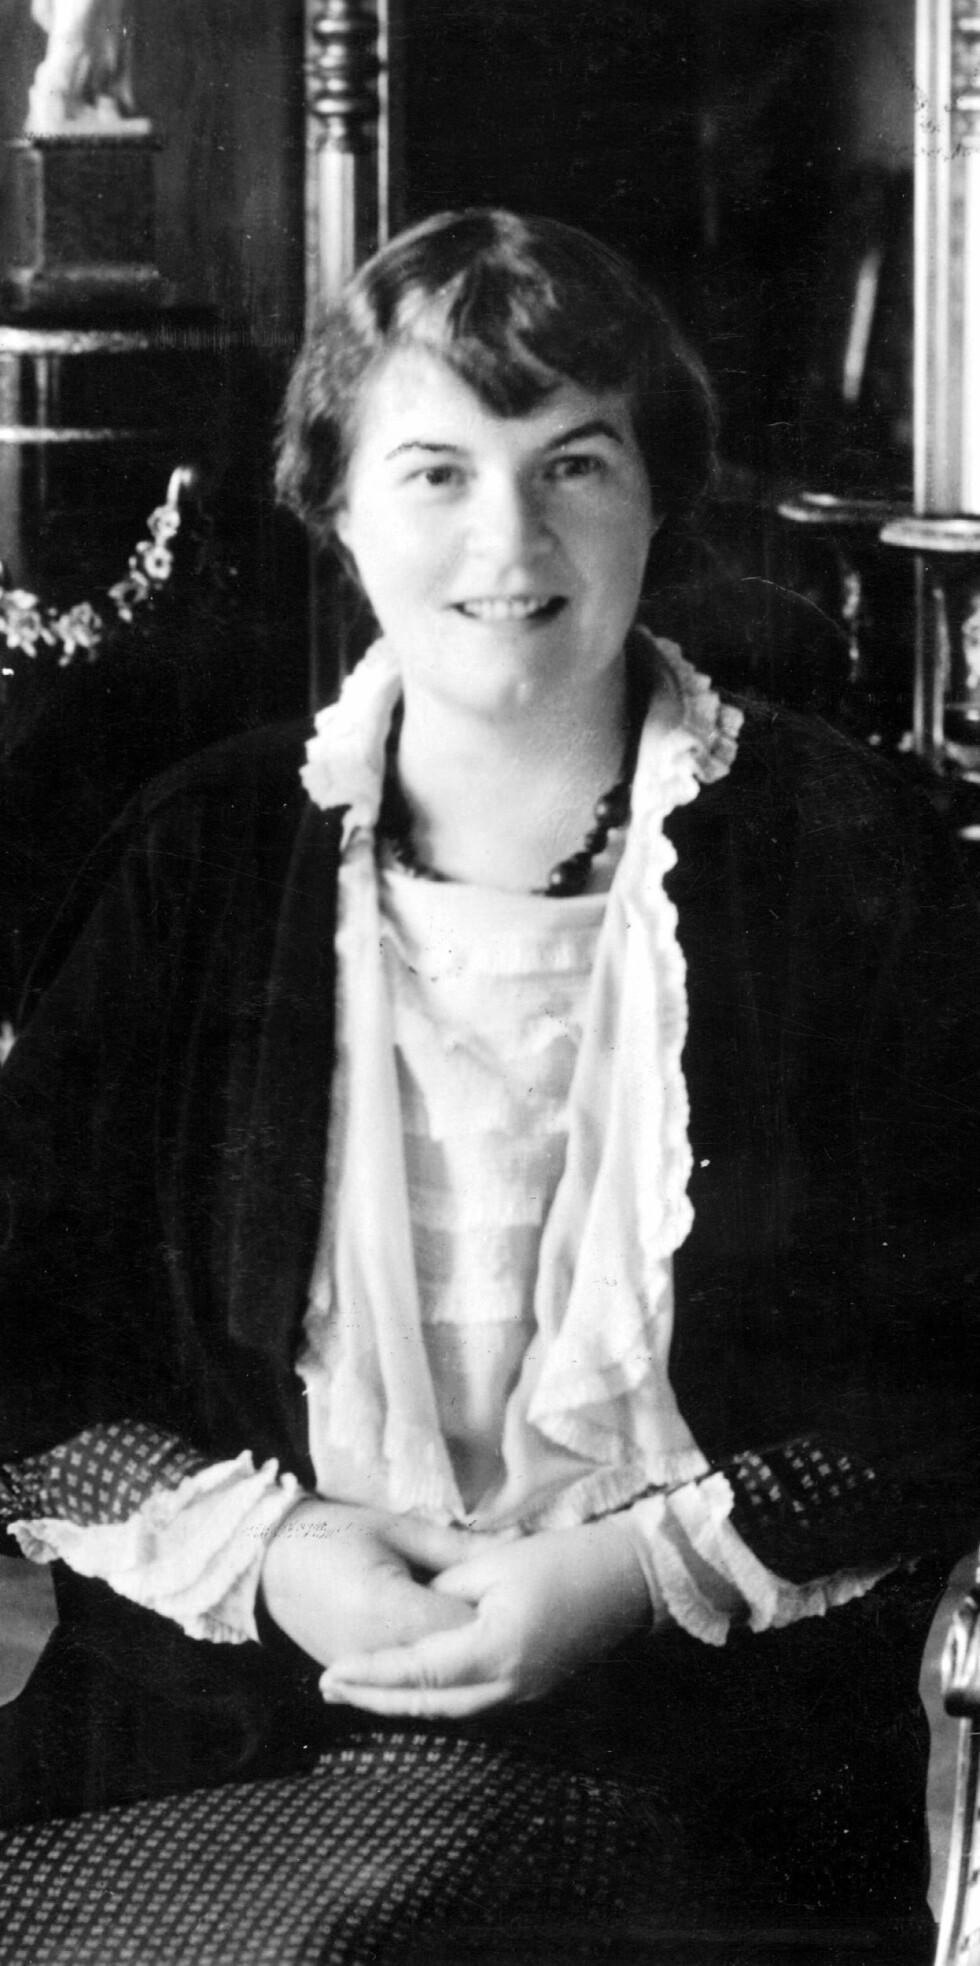 MARIE HAMSUN: Kona til den norske forfatteren Knut Hamsun. Hun skal ha møtt Hitler og andre nazi-topper ved flere anledninger både før og under andre verdenskrig. Dette bildet er tatt i 1939. Foto: NTB Scanpix (Knut Snare / Aftenposten)